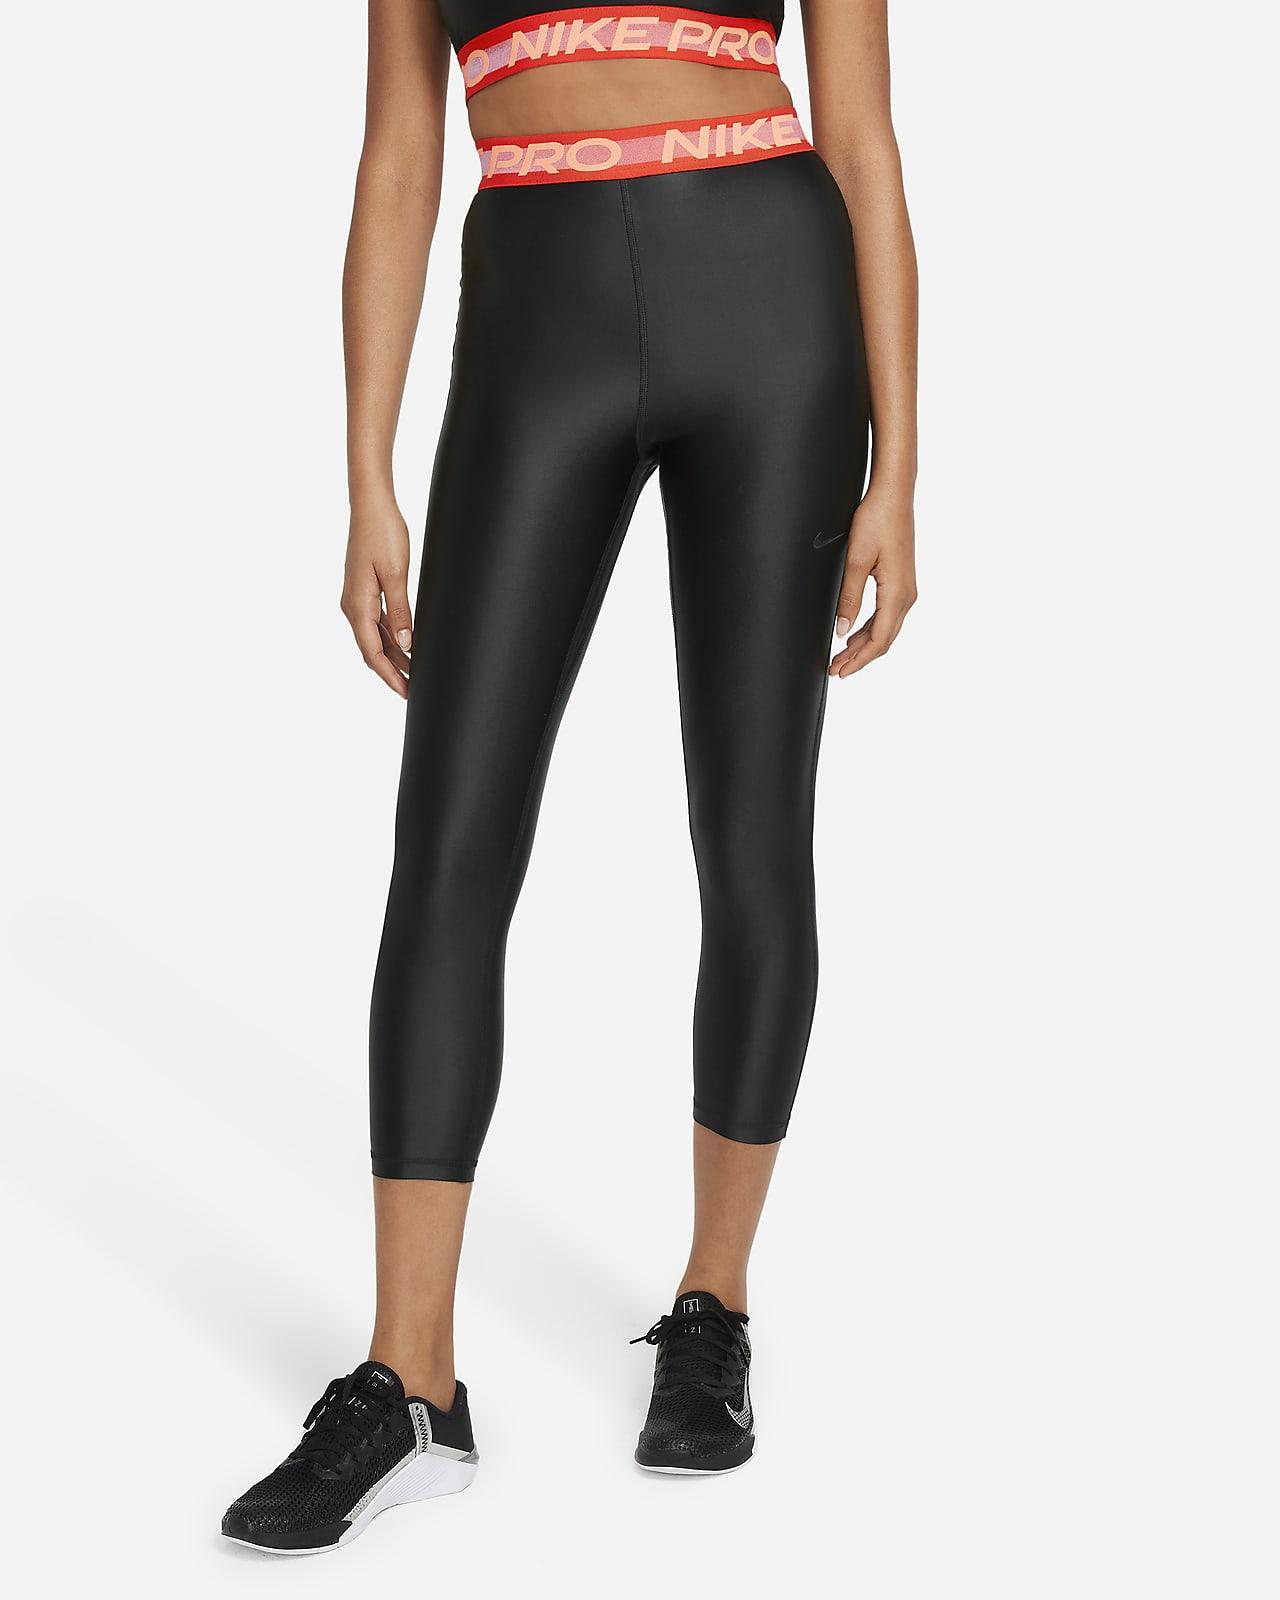 Nike Pro 7/8-Leggings mit hohem Bund für Damen